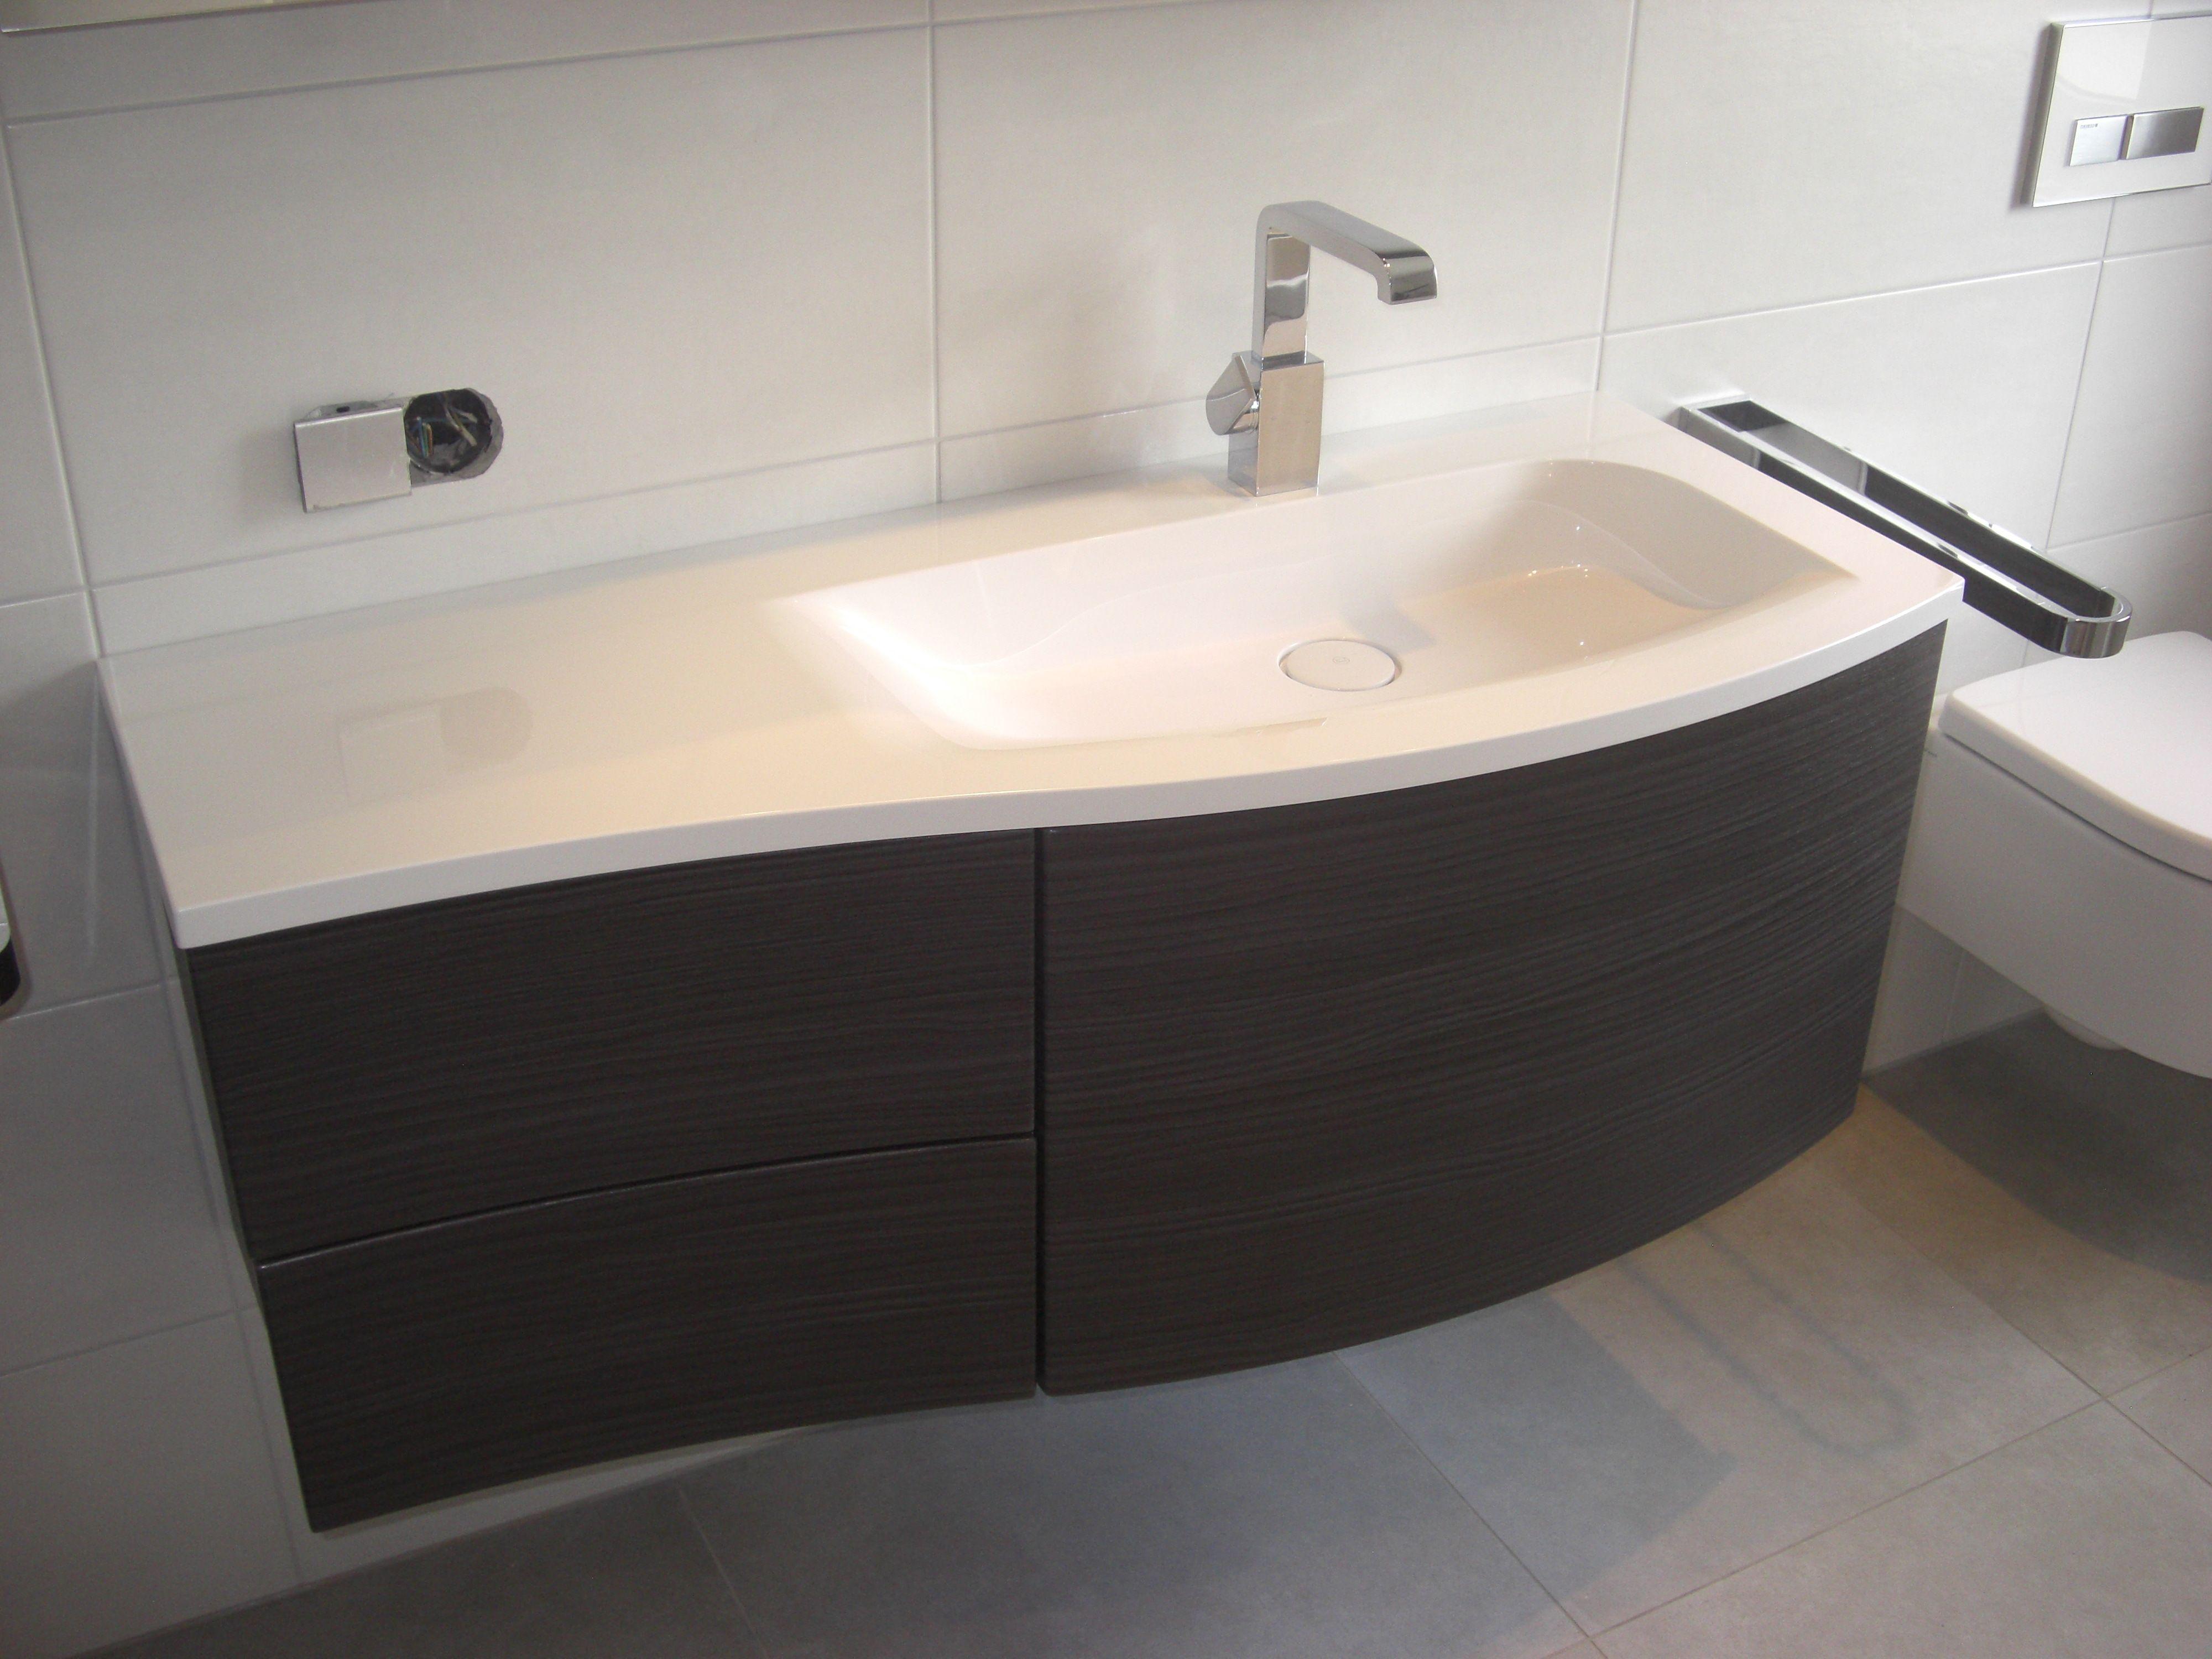 Waschtisch mit Unterschrank, geschwungene Form Bathroom Pinterest ~ 25031859_Waschtisch Unterschrank Wäschekorb